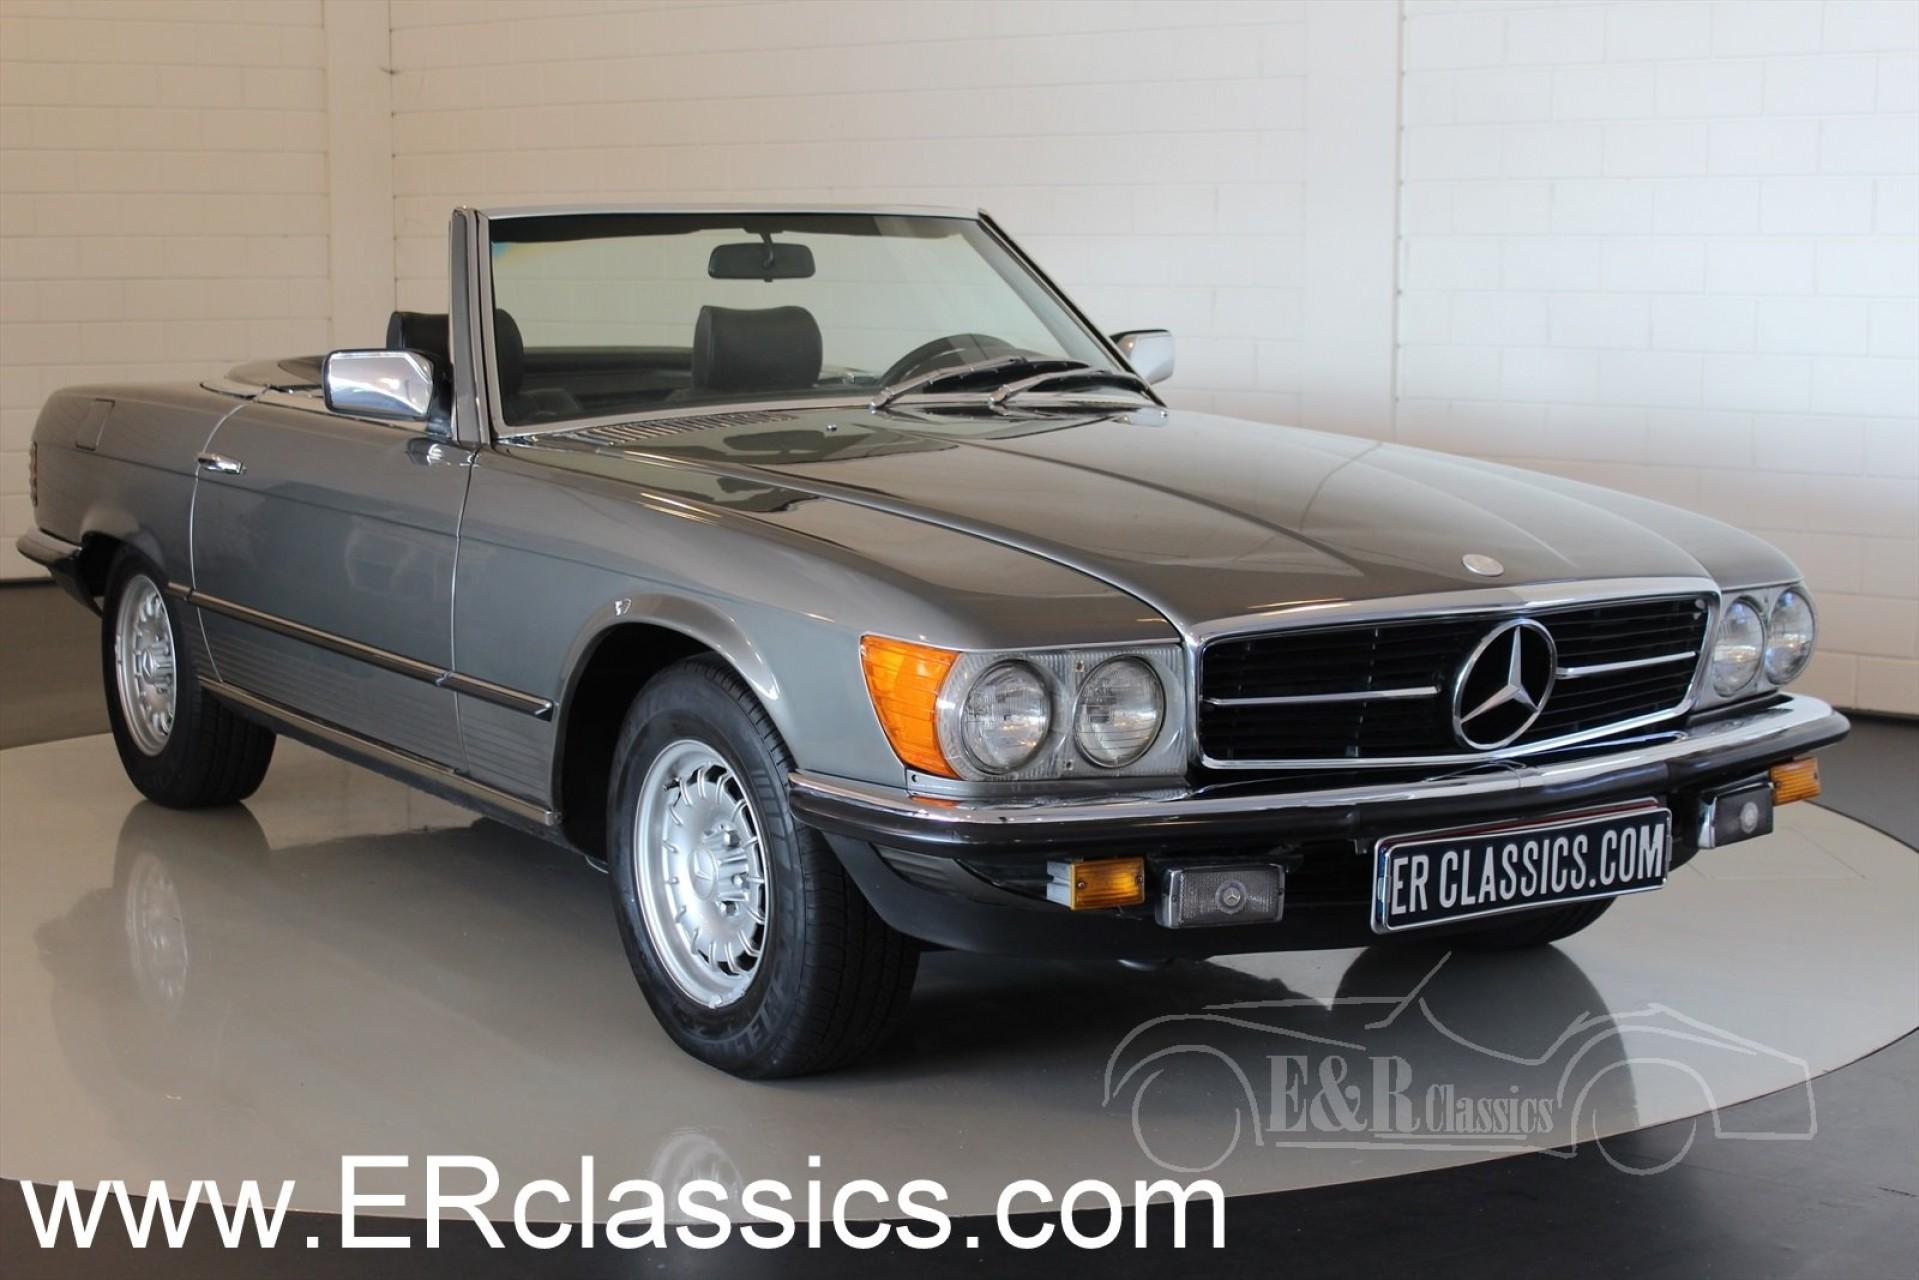 Mercedes benz sl 280 cabriolet 1980 for sale at erclassics for Classic sl mercedes benz for sale